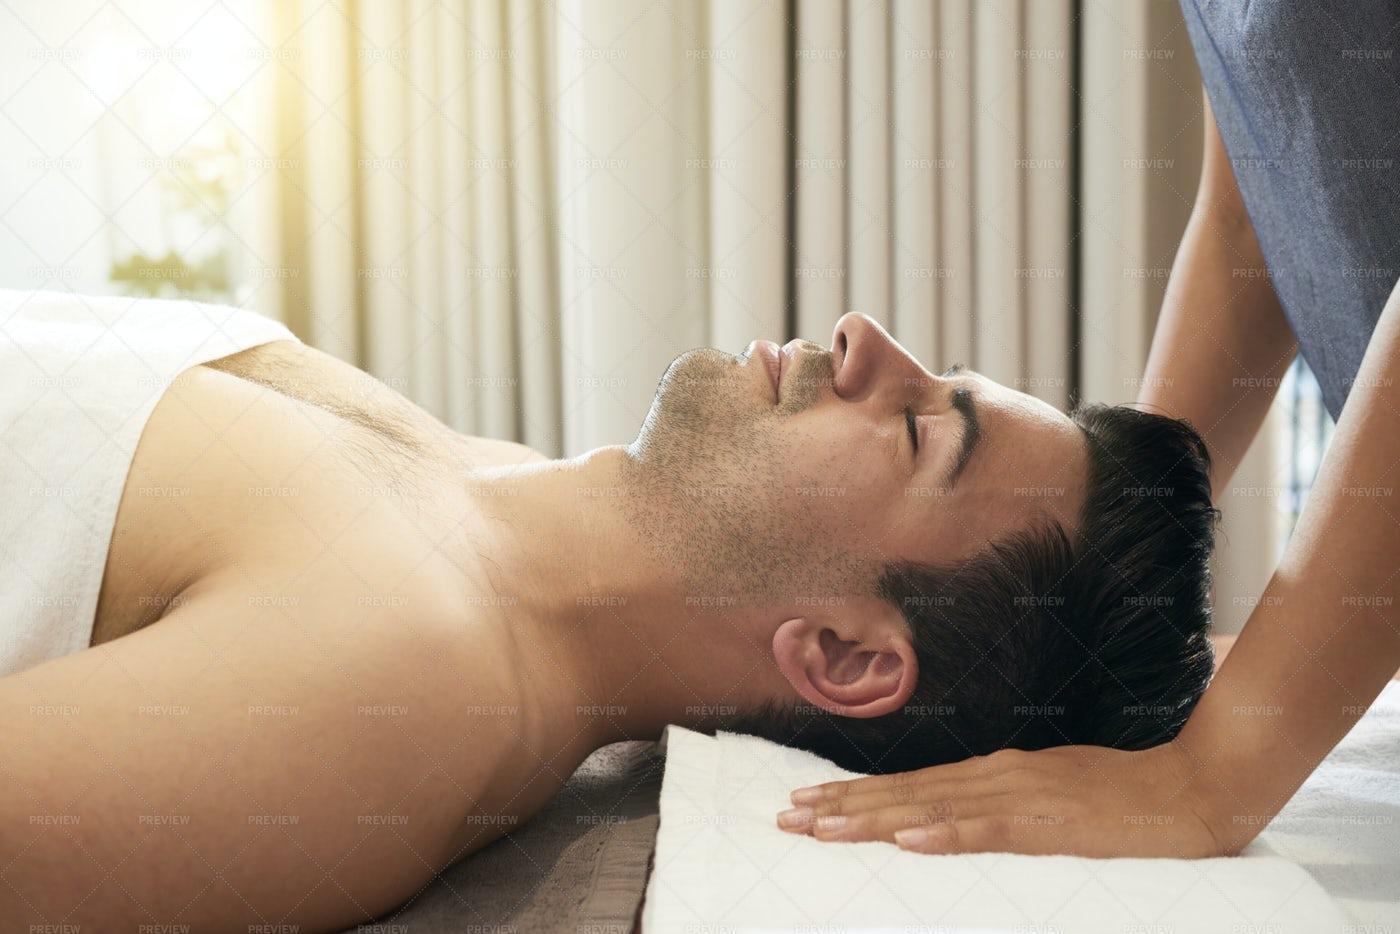 Man Relaxing In Wellness Center: Stock Photos